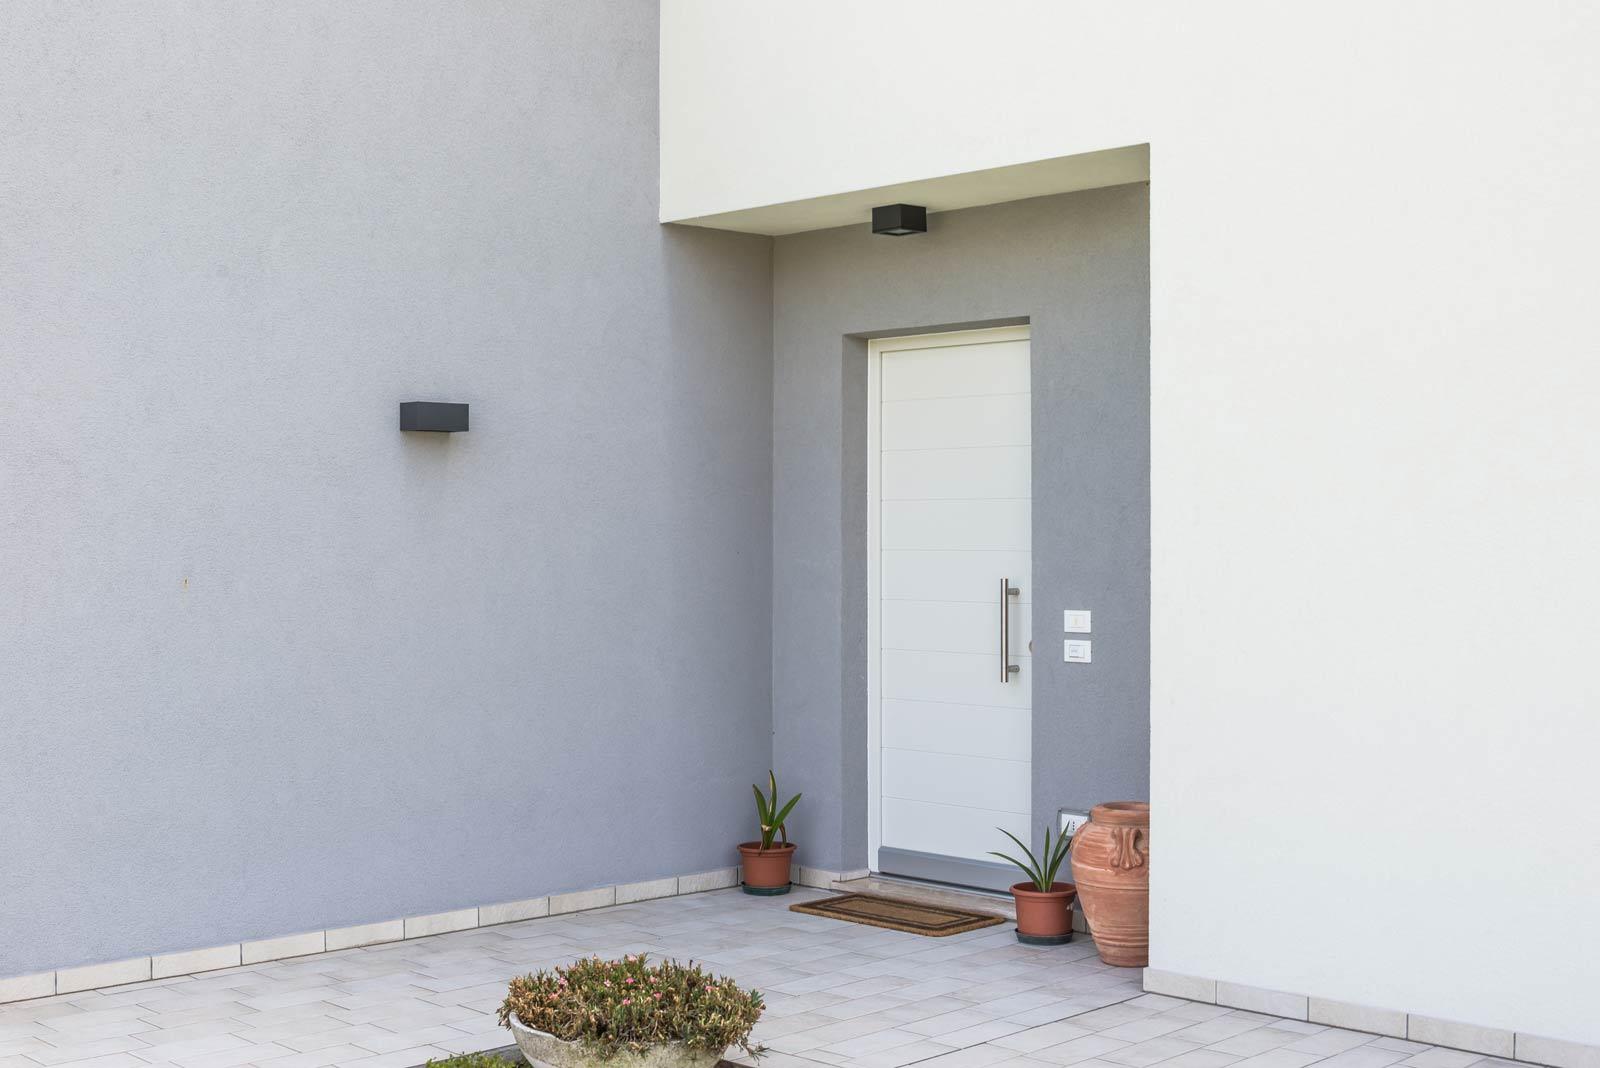 casa-venezia-woodbau-ingresso